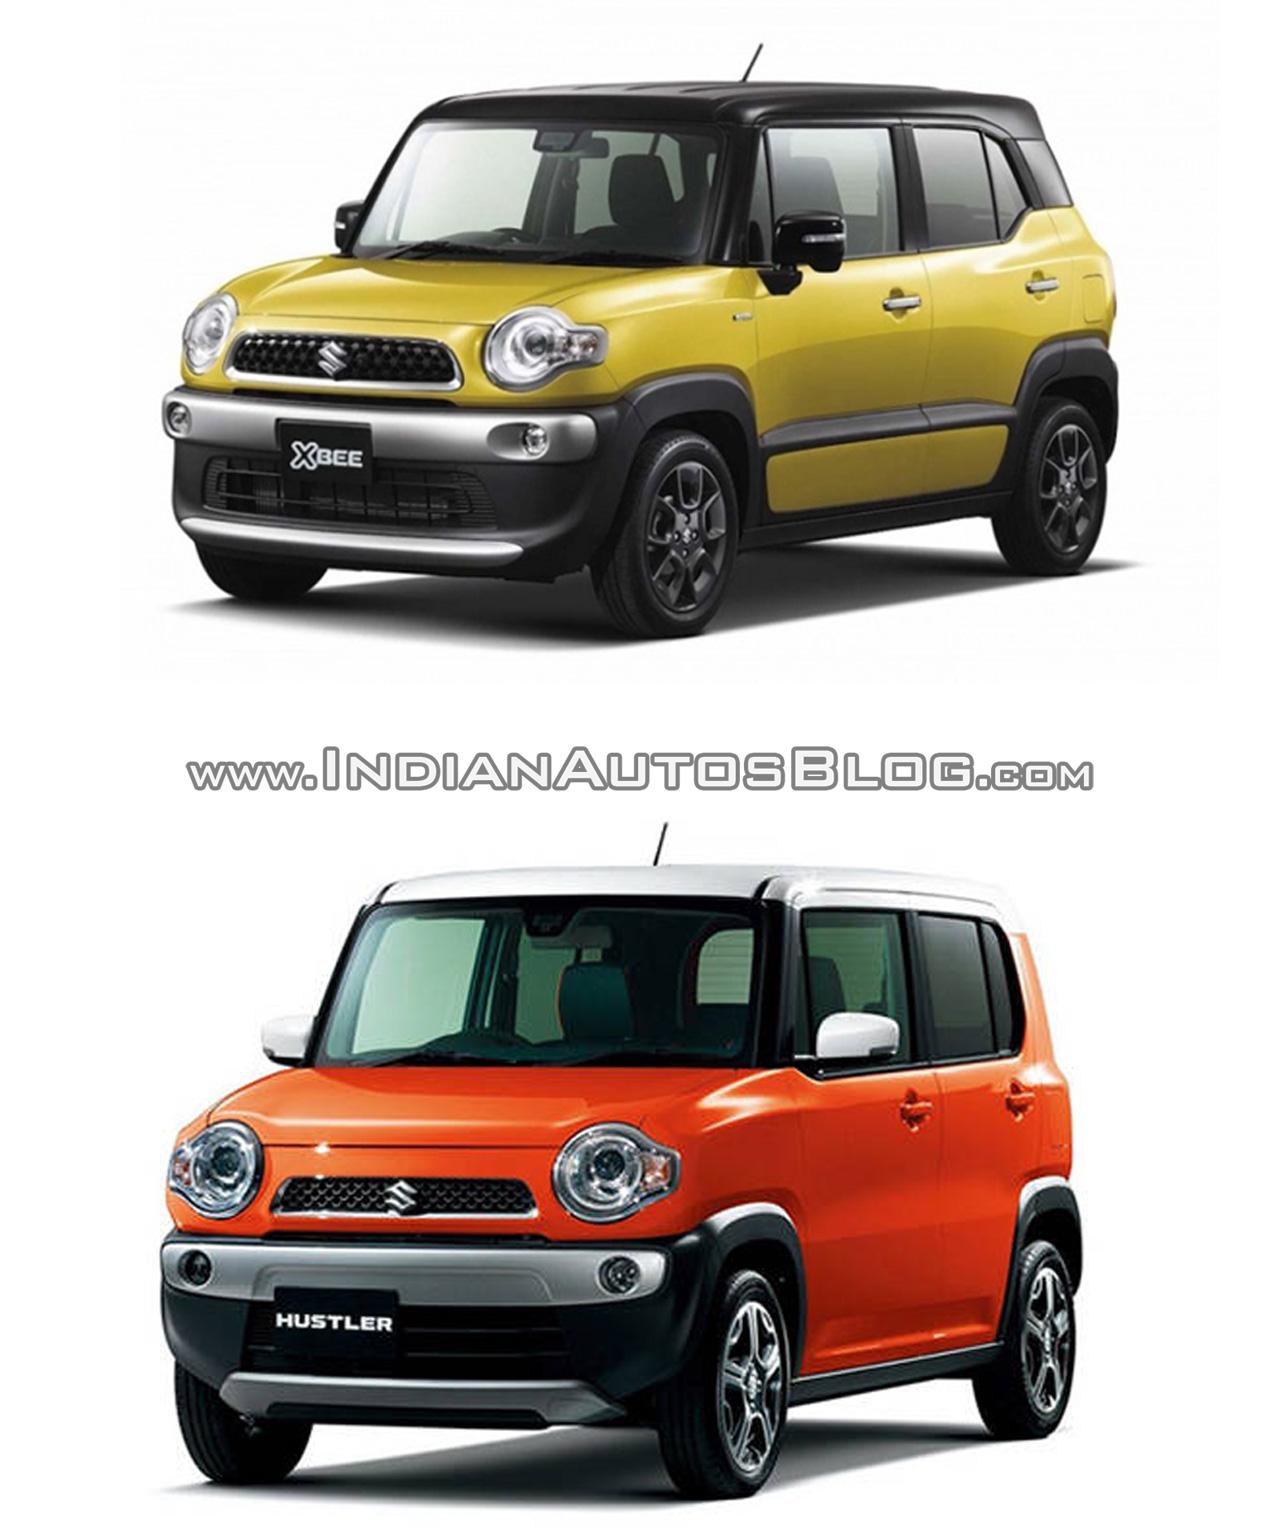 Suzuki Xbee concept vs. Suzuki Hustler front three quarters